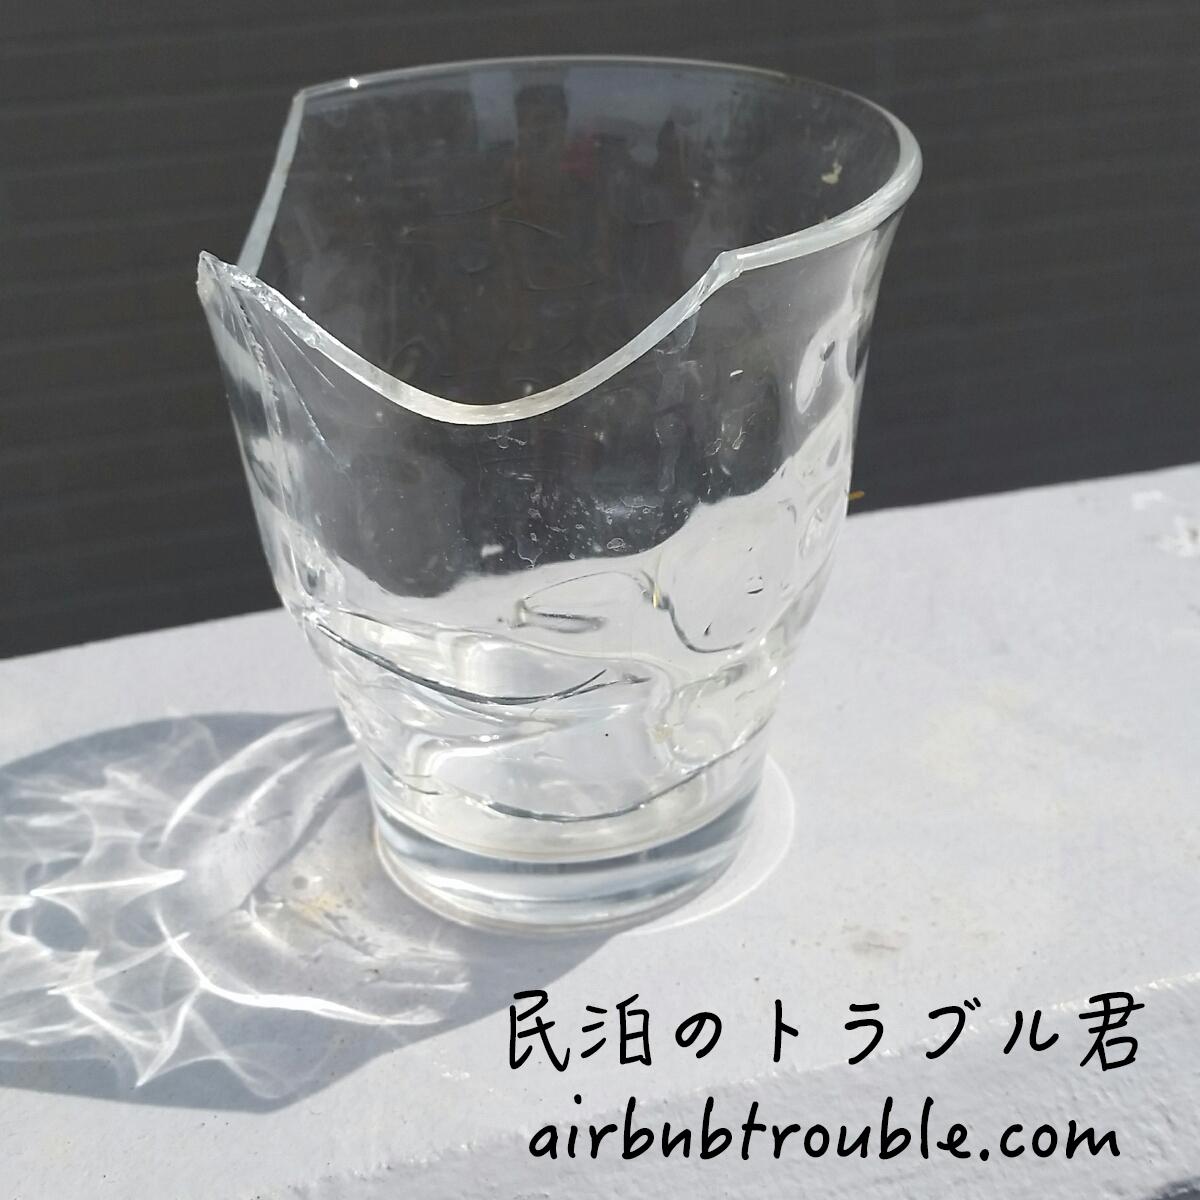 #62【割れ物】ベランダに割られたグラスがありました。